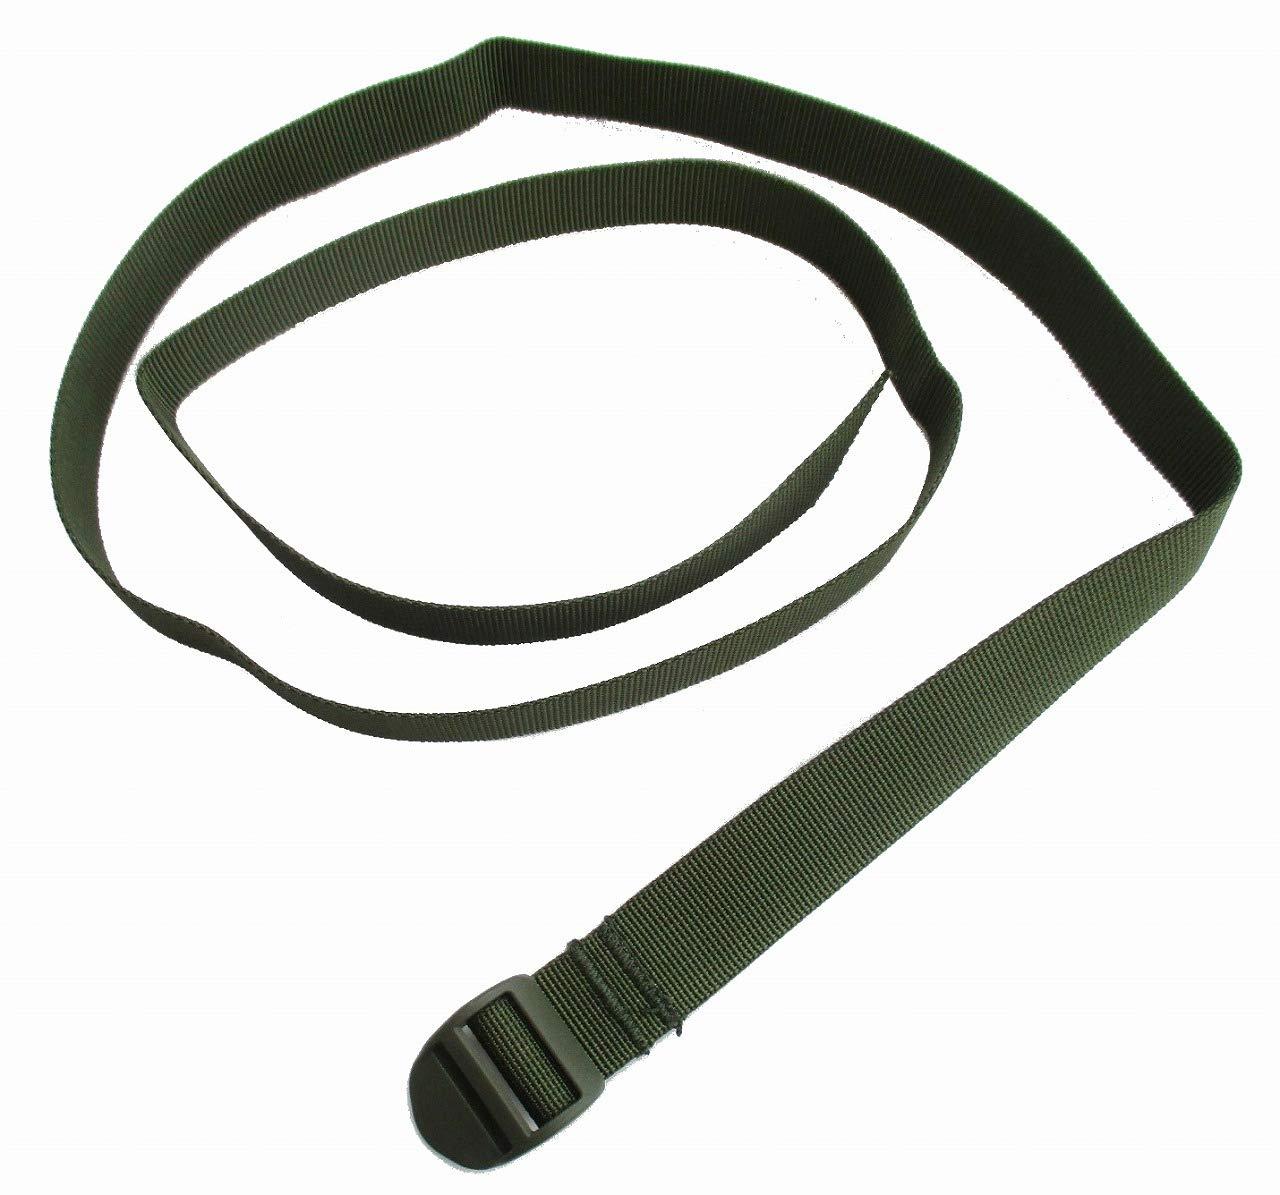 Mil-Tec 25mm Sangle Avec Boucle 120cm Olive